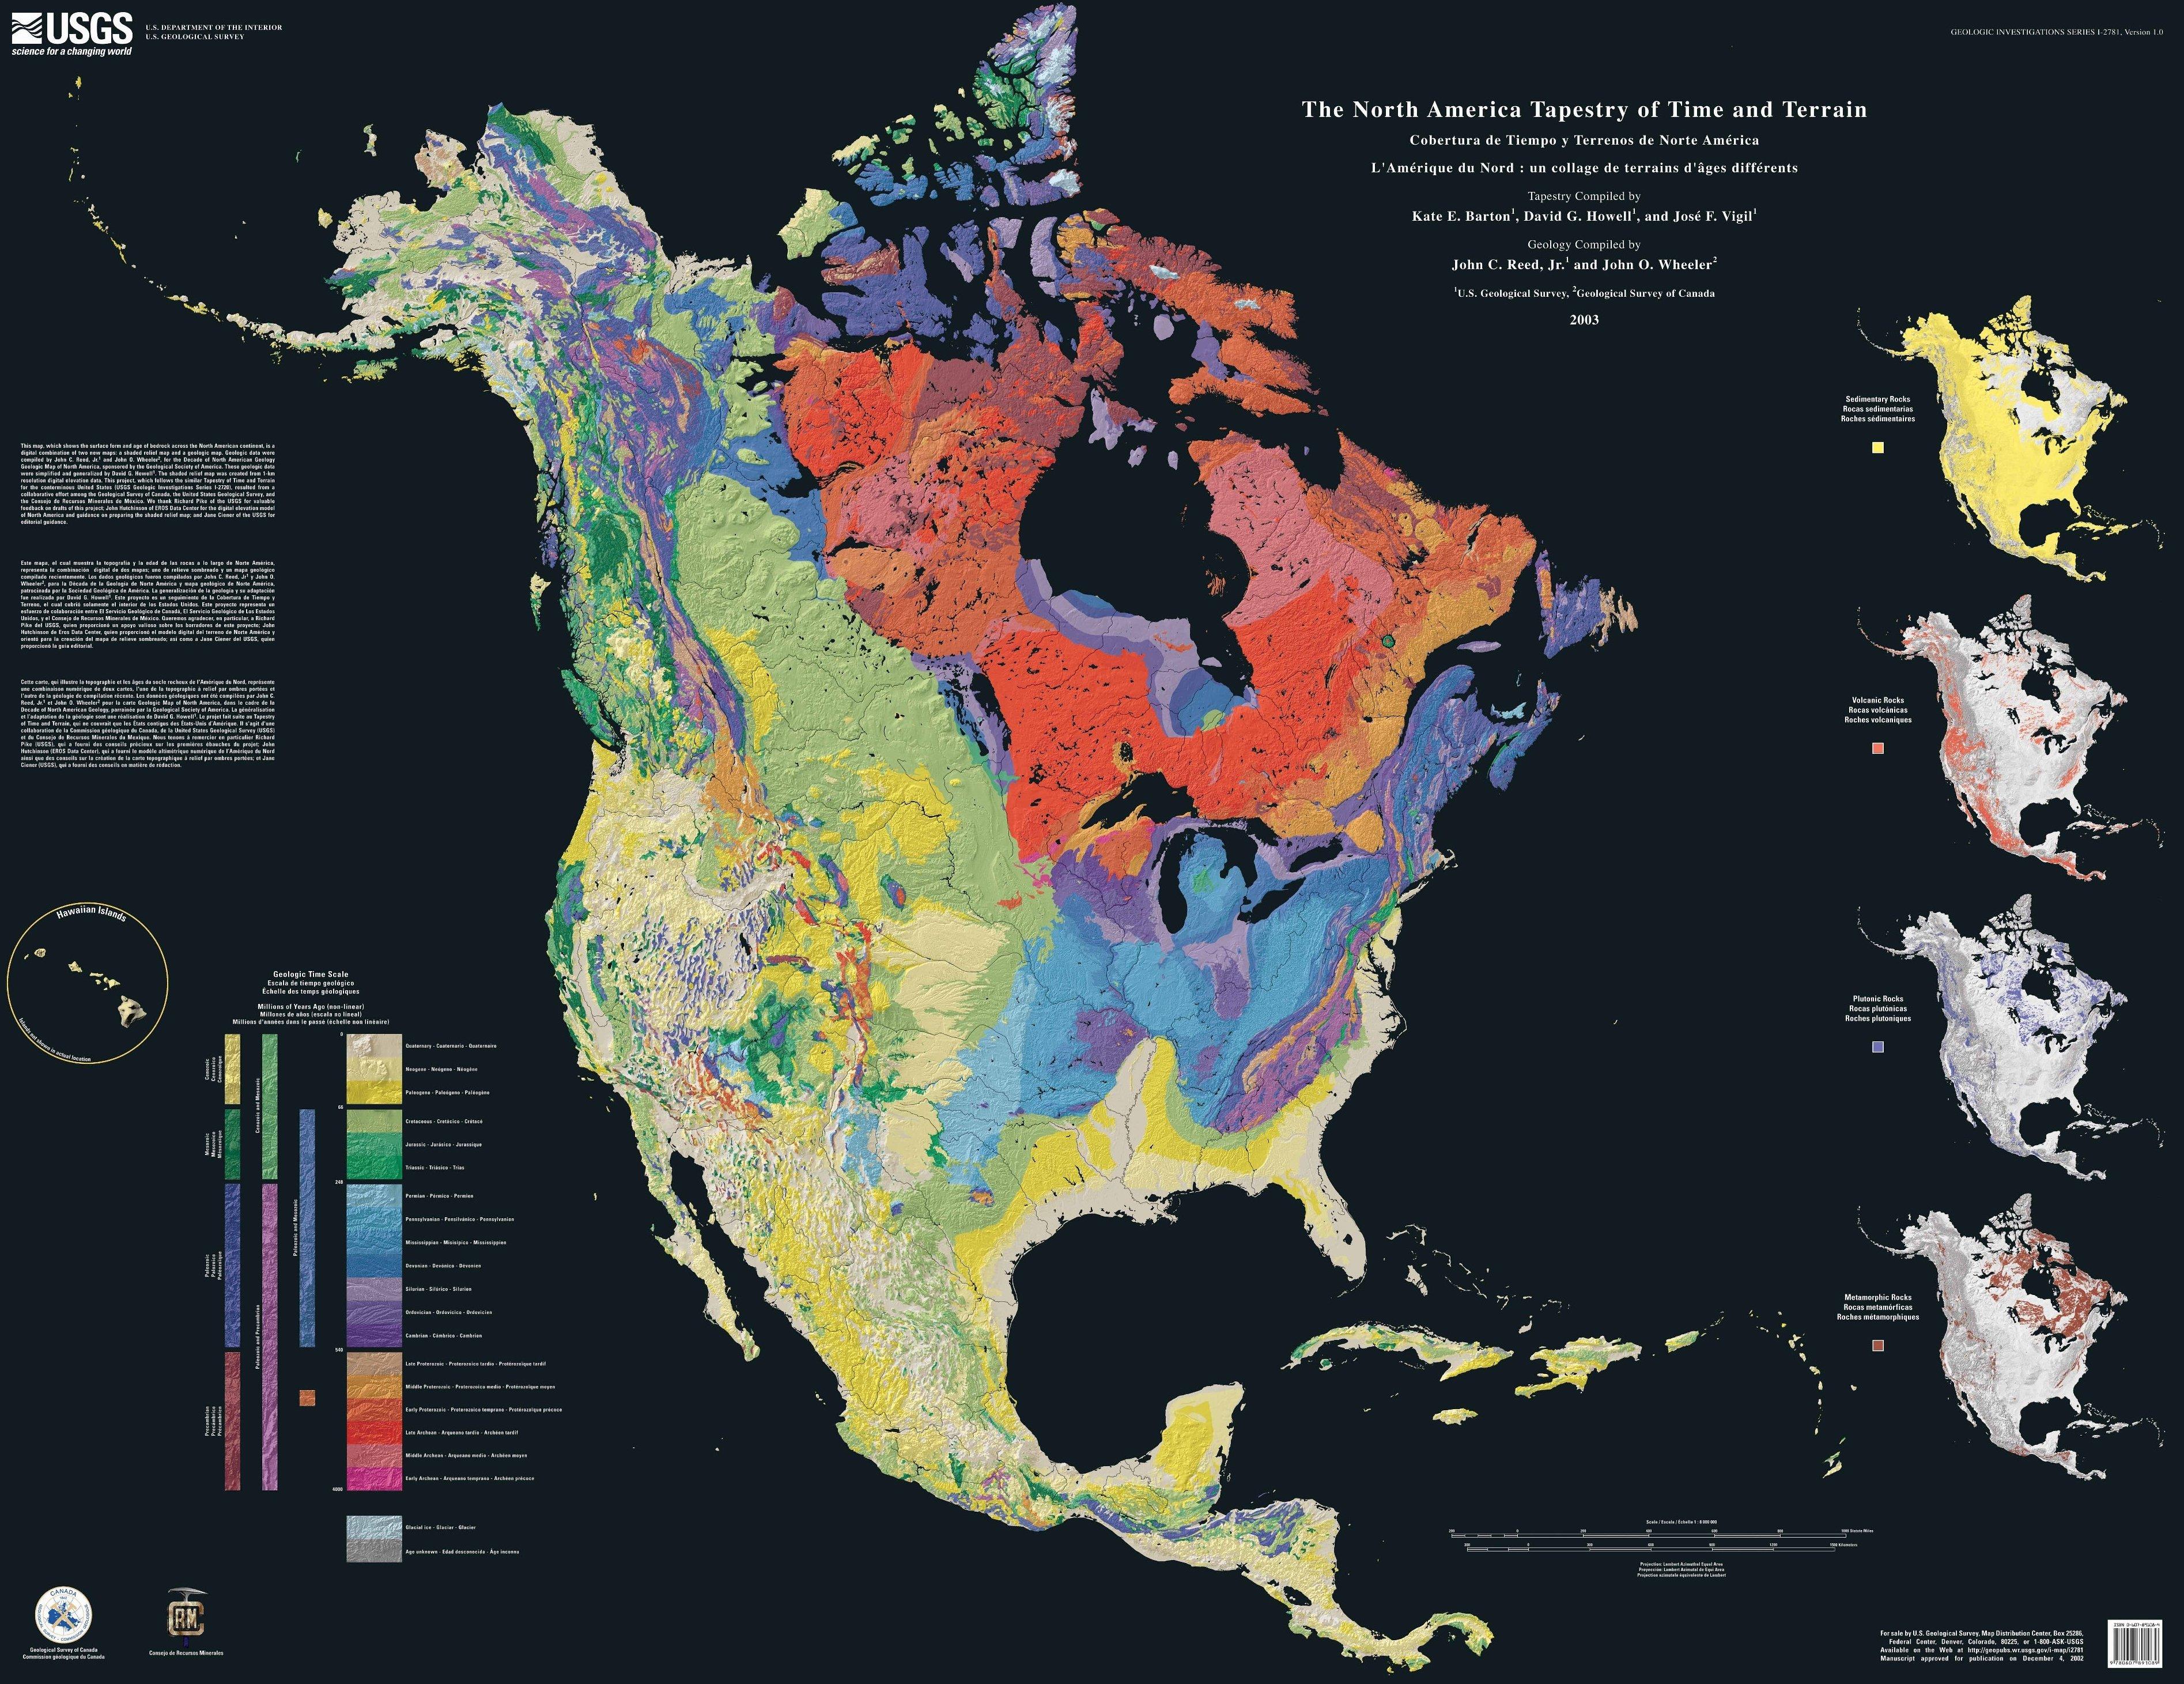 Cobertura de Tiempo y Terrenos de América del Norte